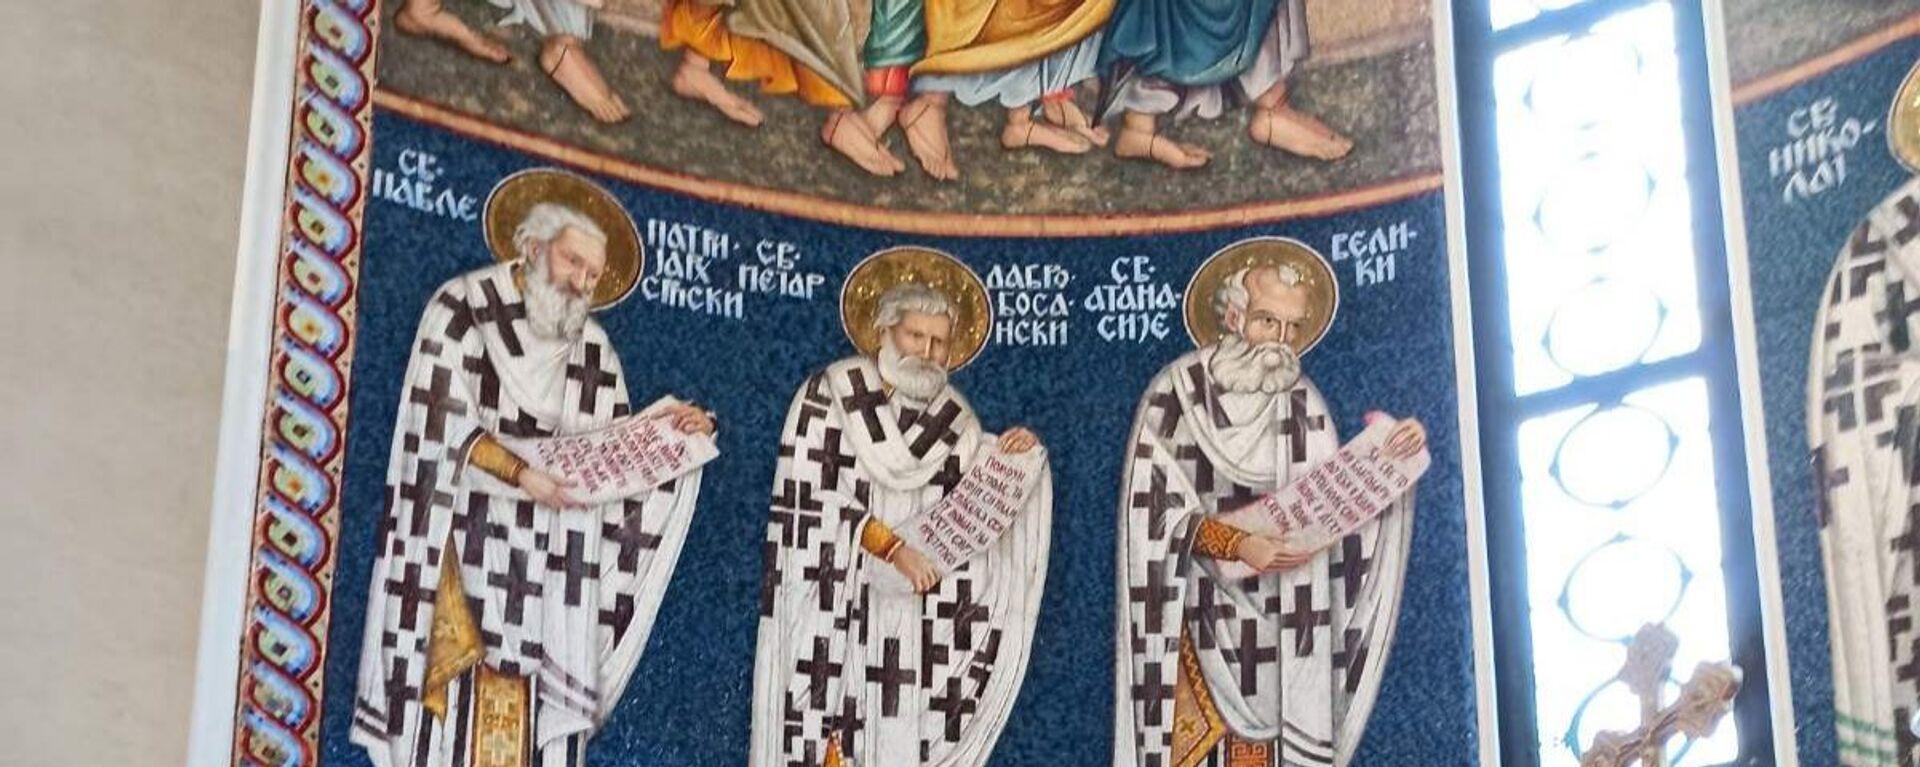 Поред иконе блаженопочившег патријарха пише - Свети Павле патријарх Српски - Sputnik Србија, 1920, 21.09.2021